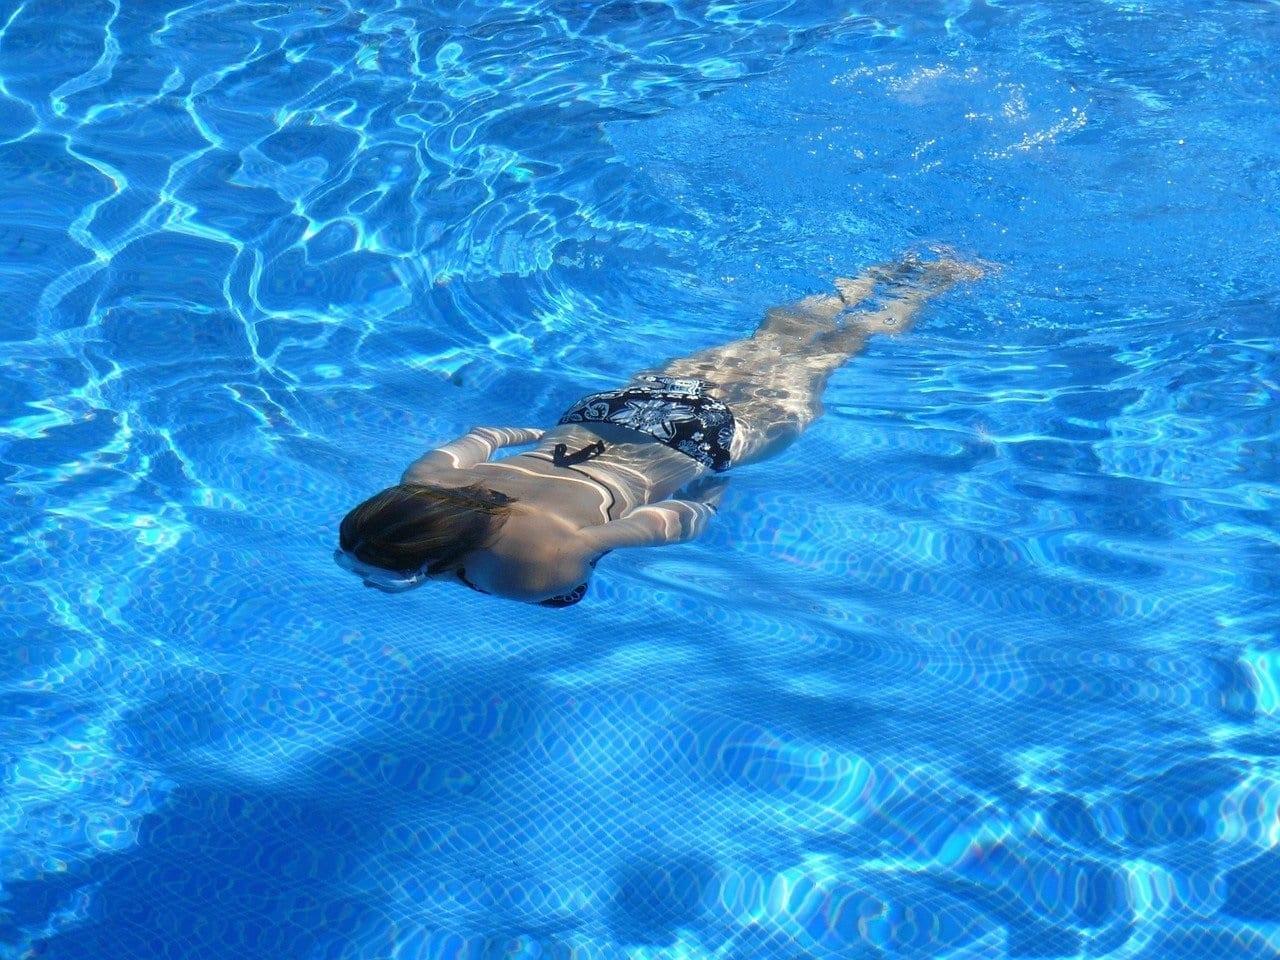 piscina comunitaria mujer buceando - si un vecino no paga la comunidad